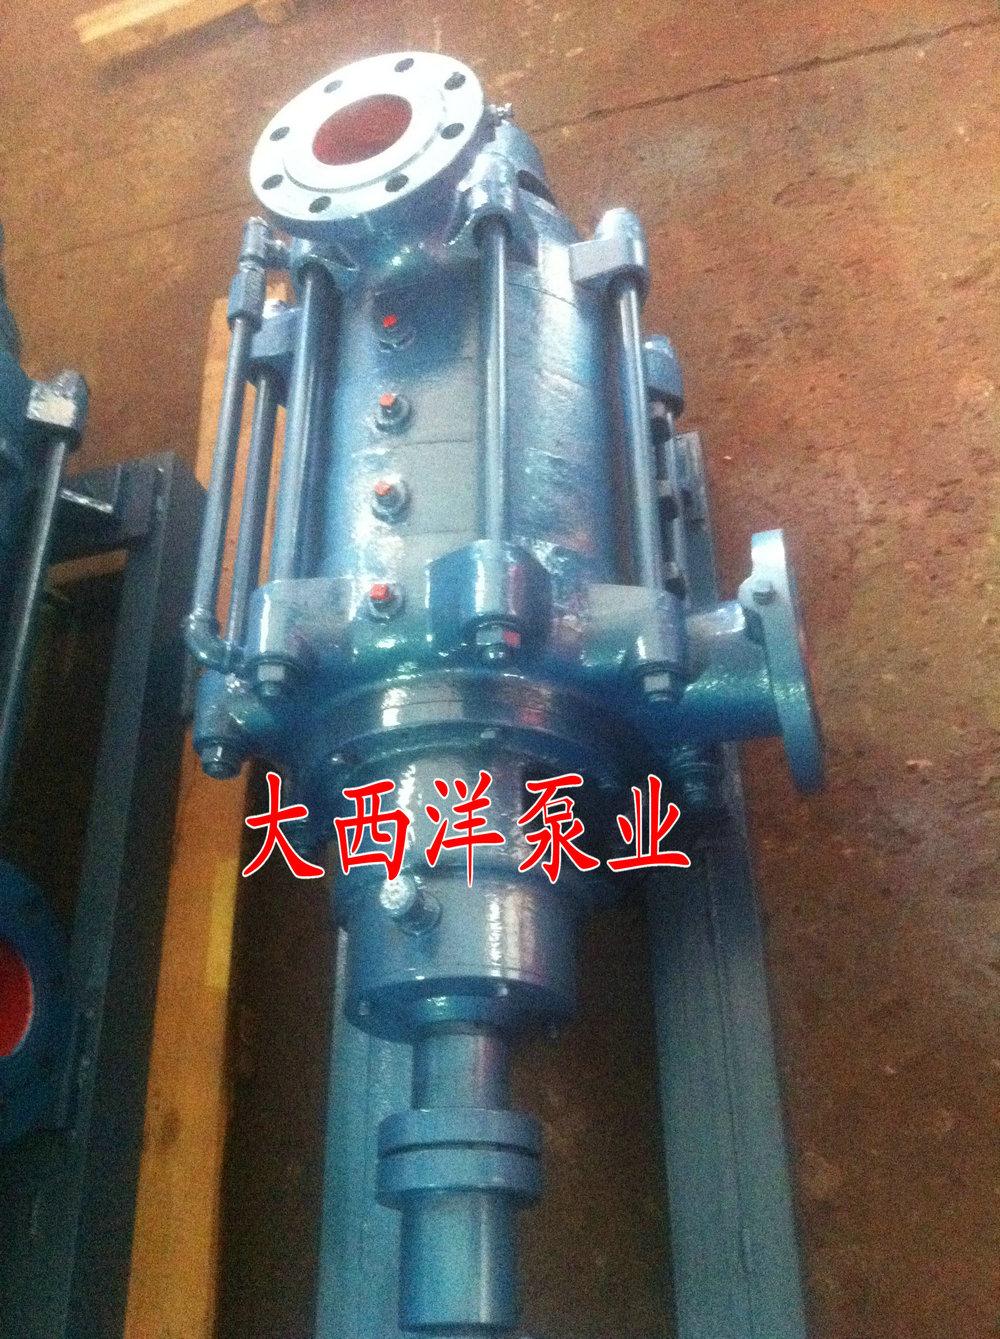 tswa卧式多级泵,多级离心泵,卧式结构多级泵,水泵生产